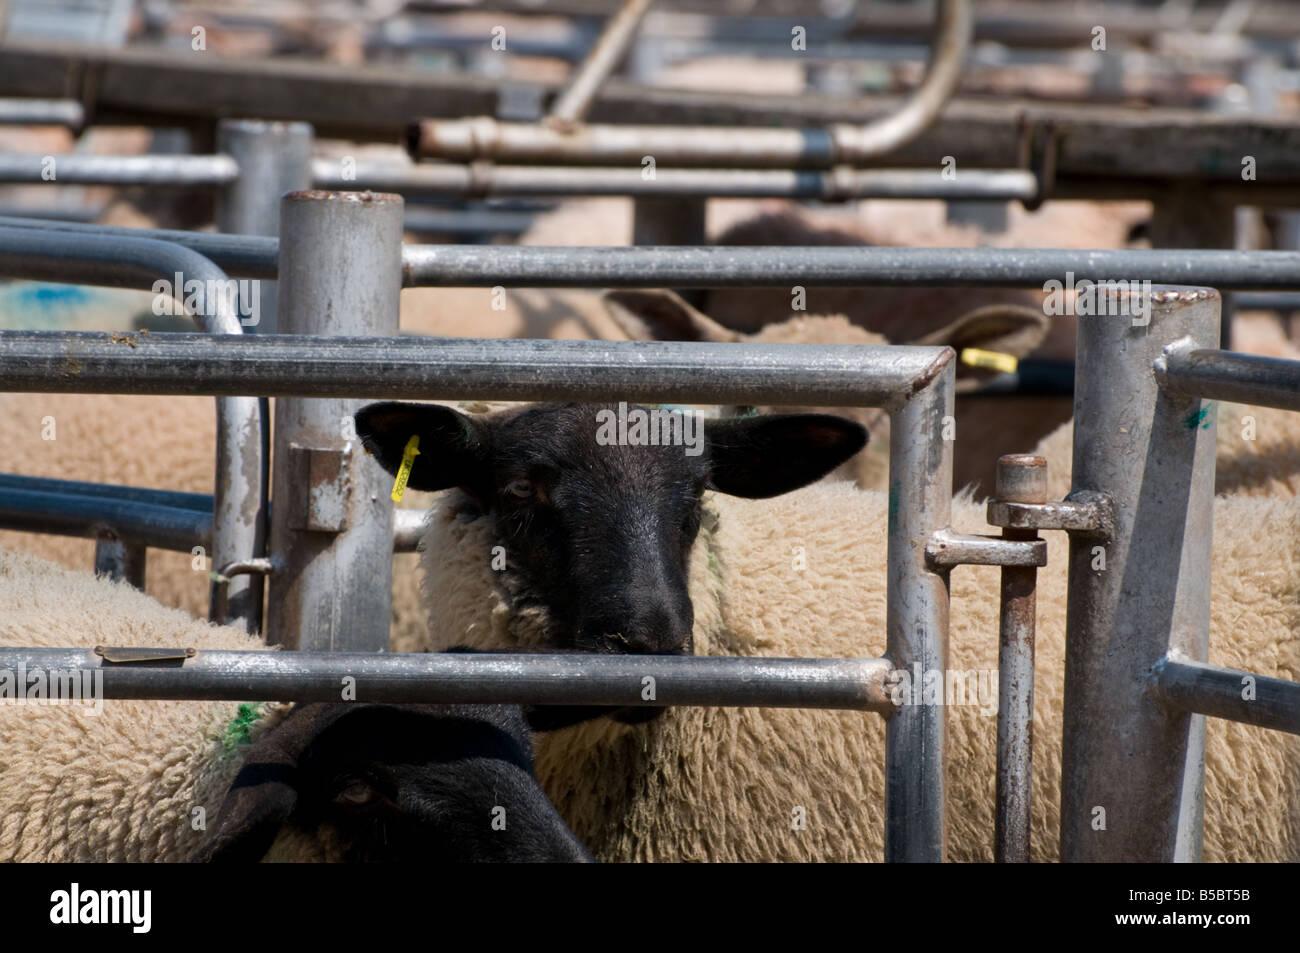 Marché de l'élevage de moutons - en attente de vente Banque D'Images